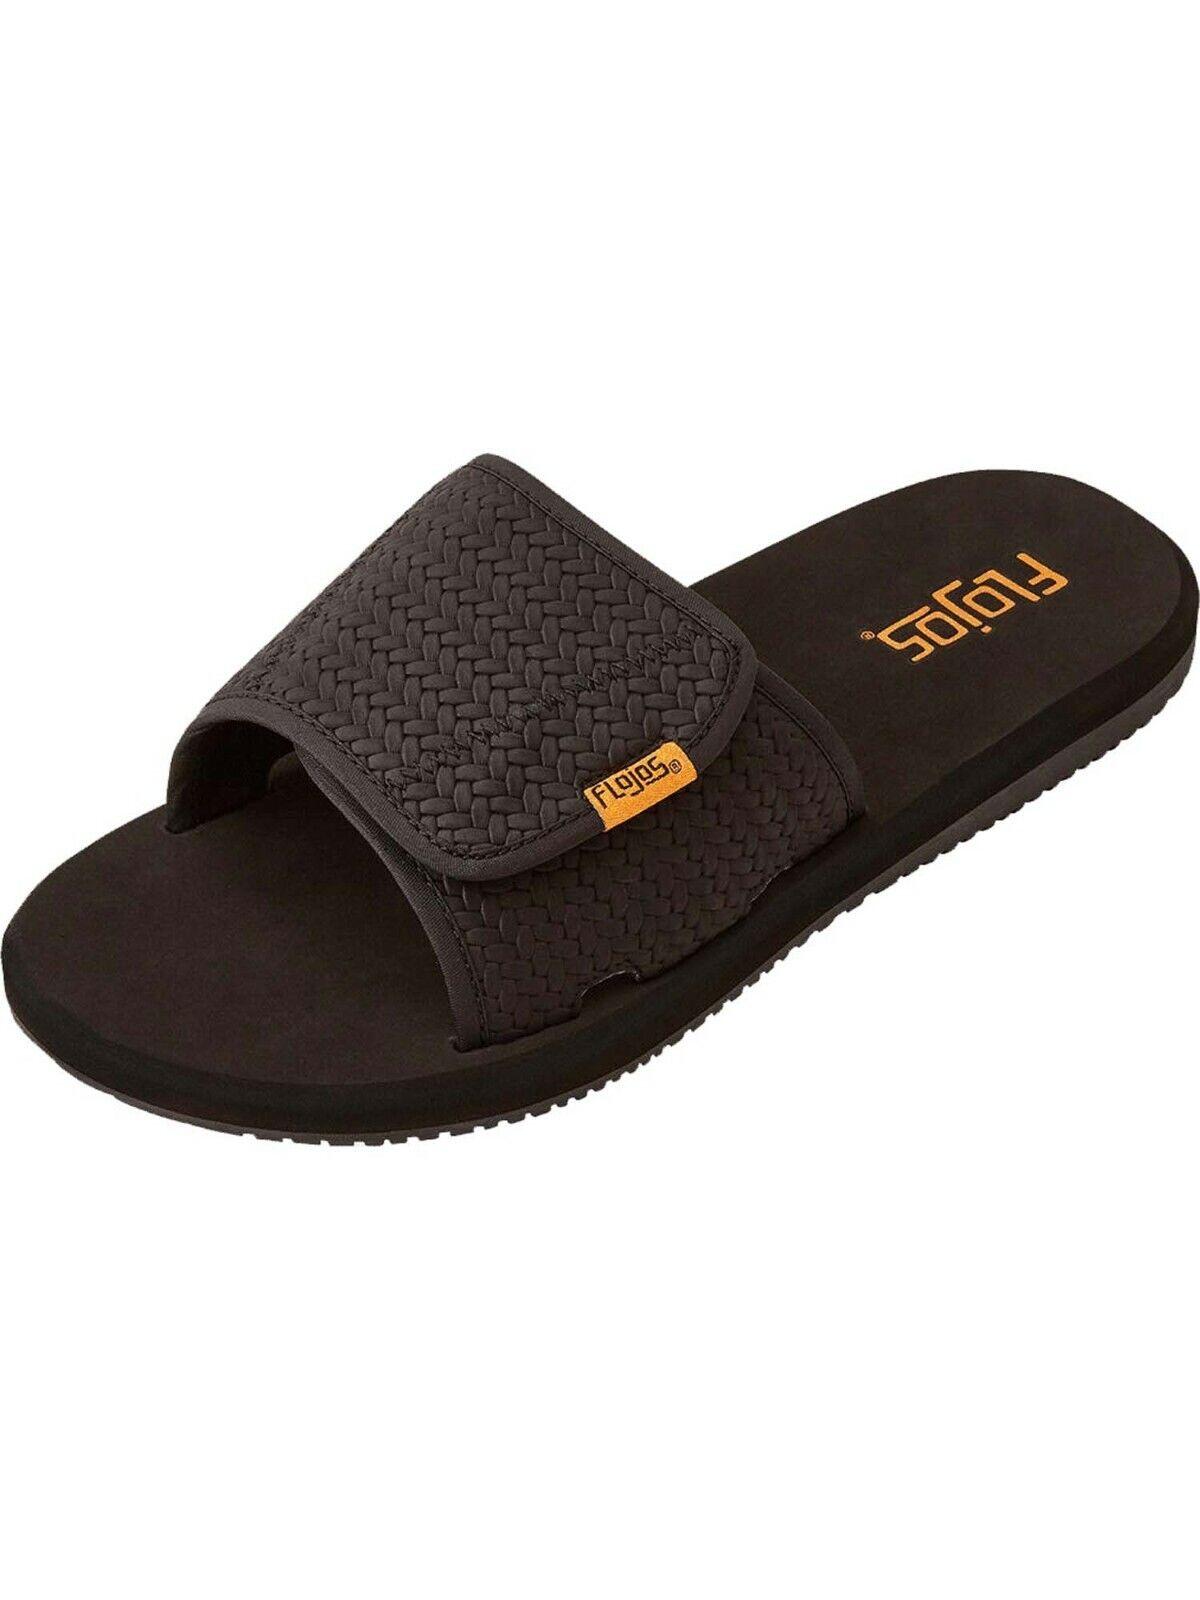 Flojos Men's Duke Hook and Loop Fastener Slide in Sandals